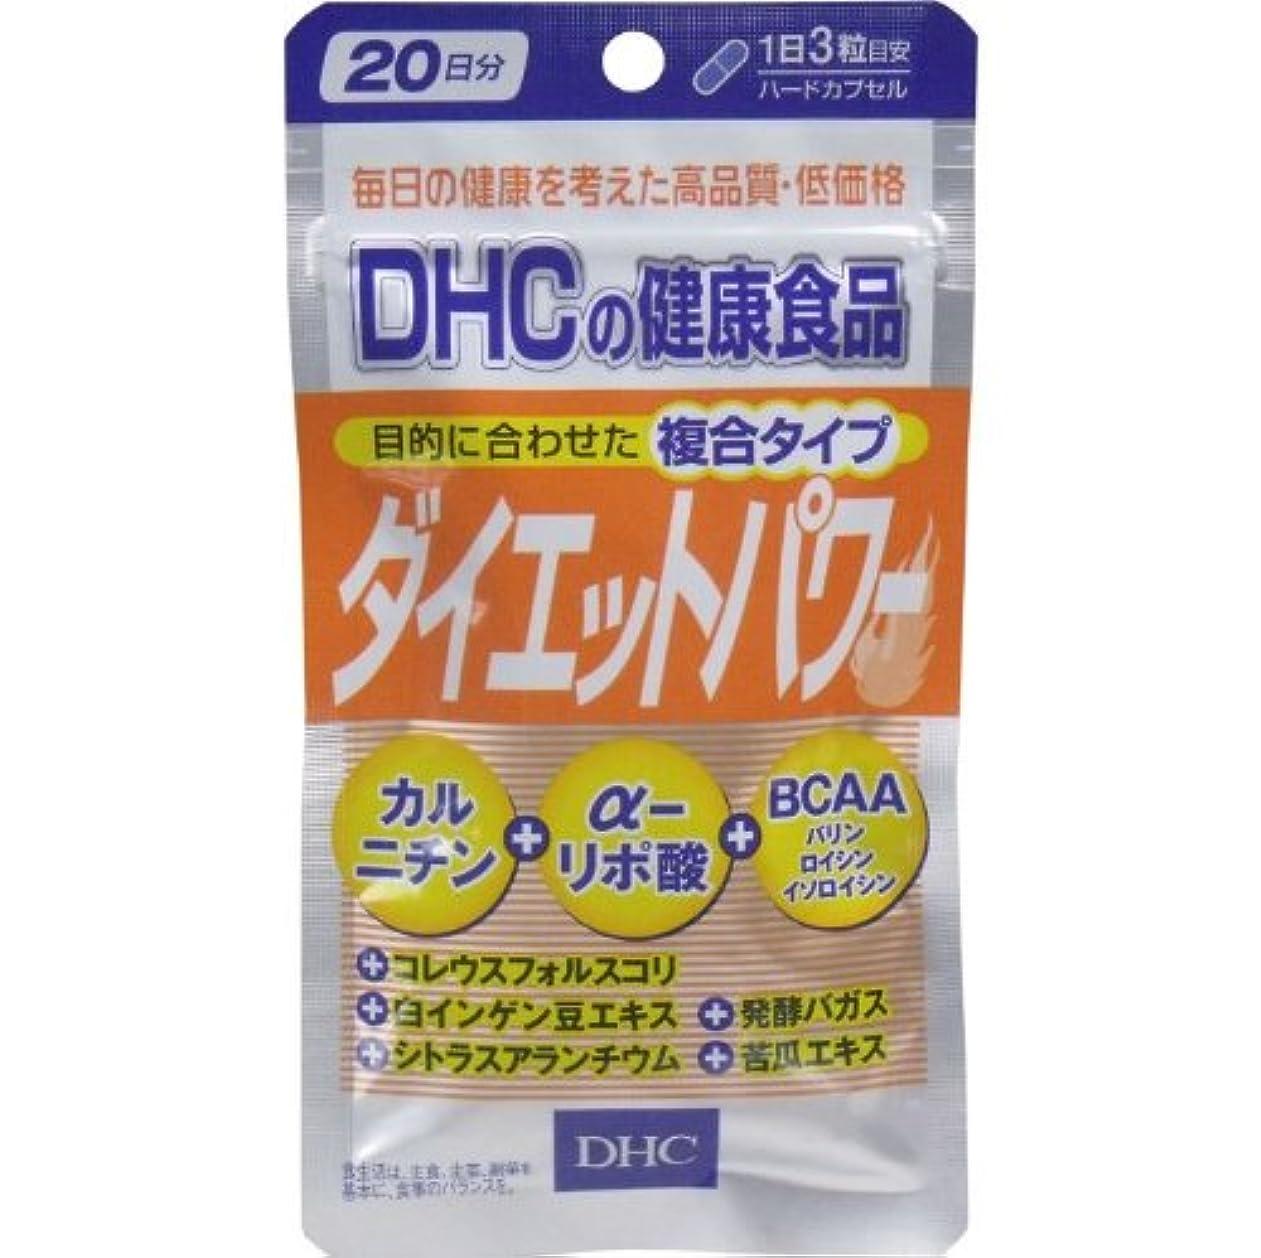 過激派彼女自身個人的なDHC ダイエットパワー 60粒入 20日分【4個セット】